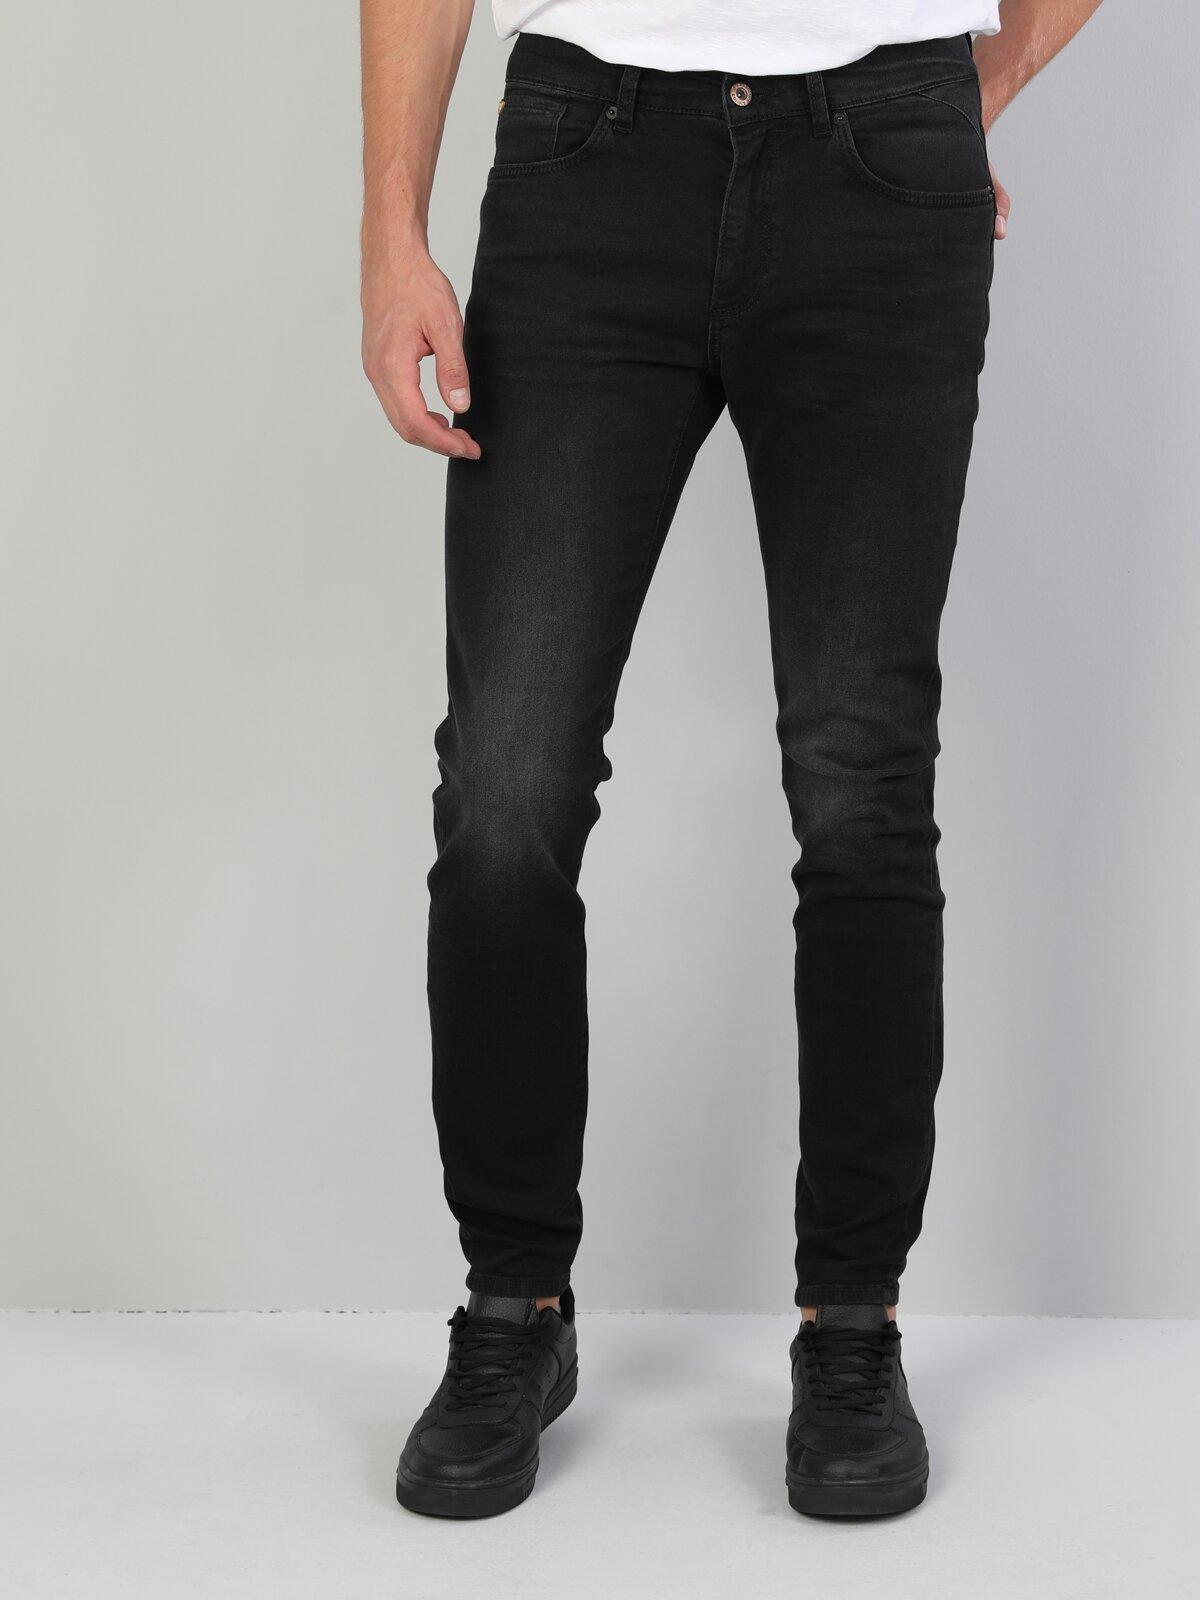 040 Alex Süper Dar Kesim Siyah Erkek Denim Pantolon